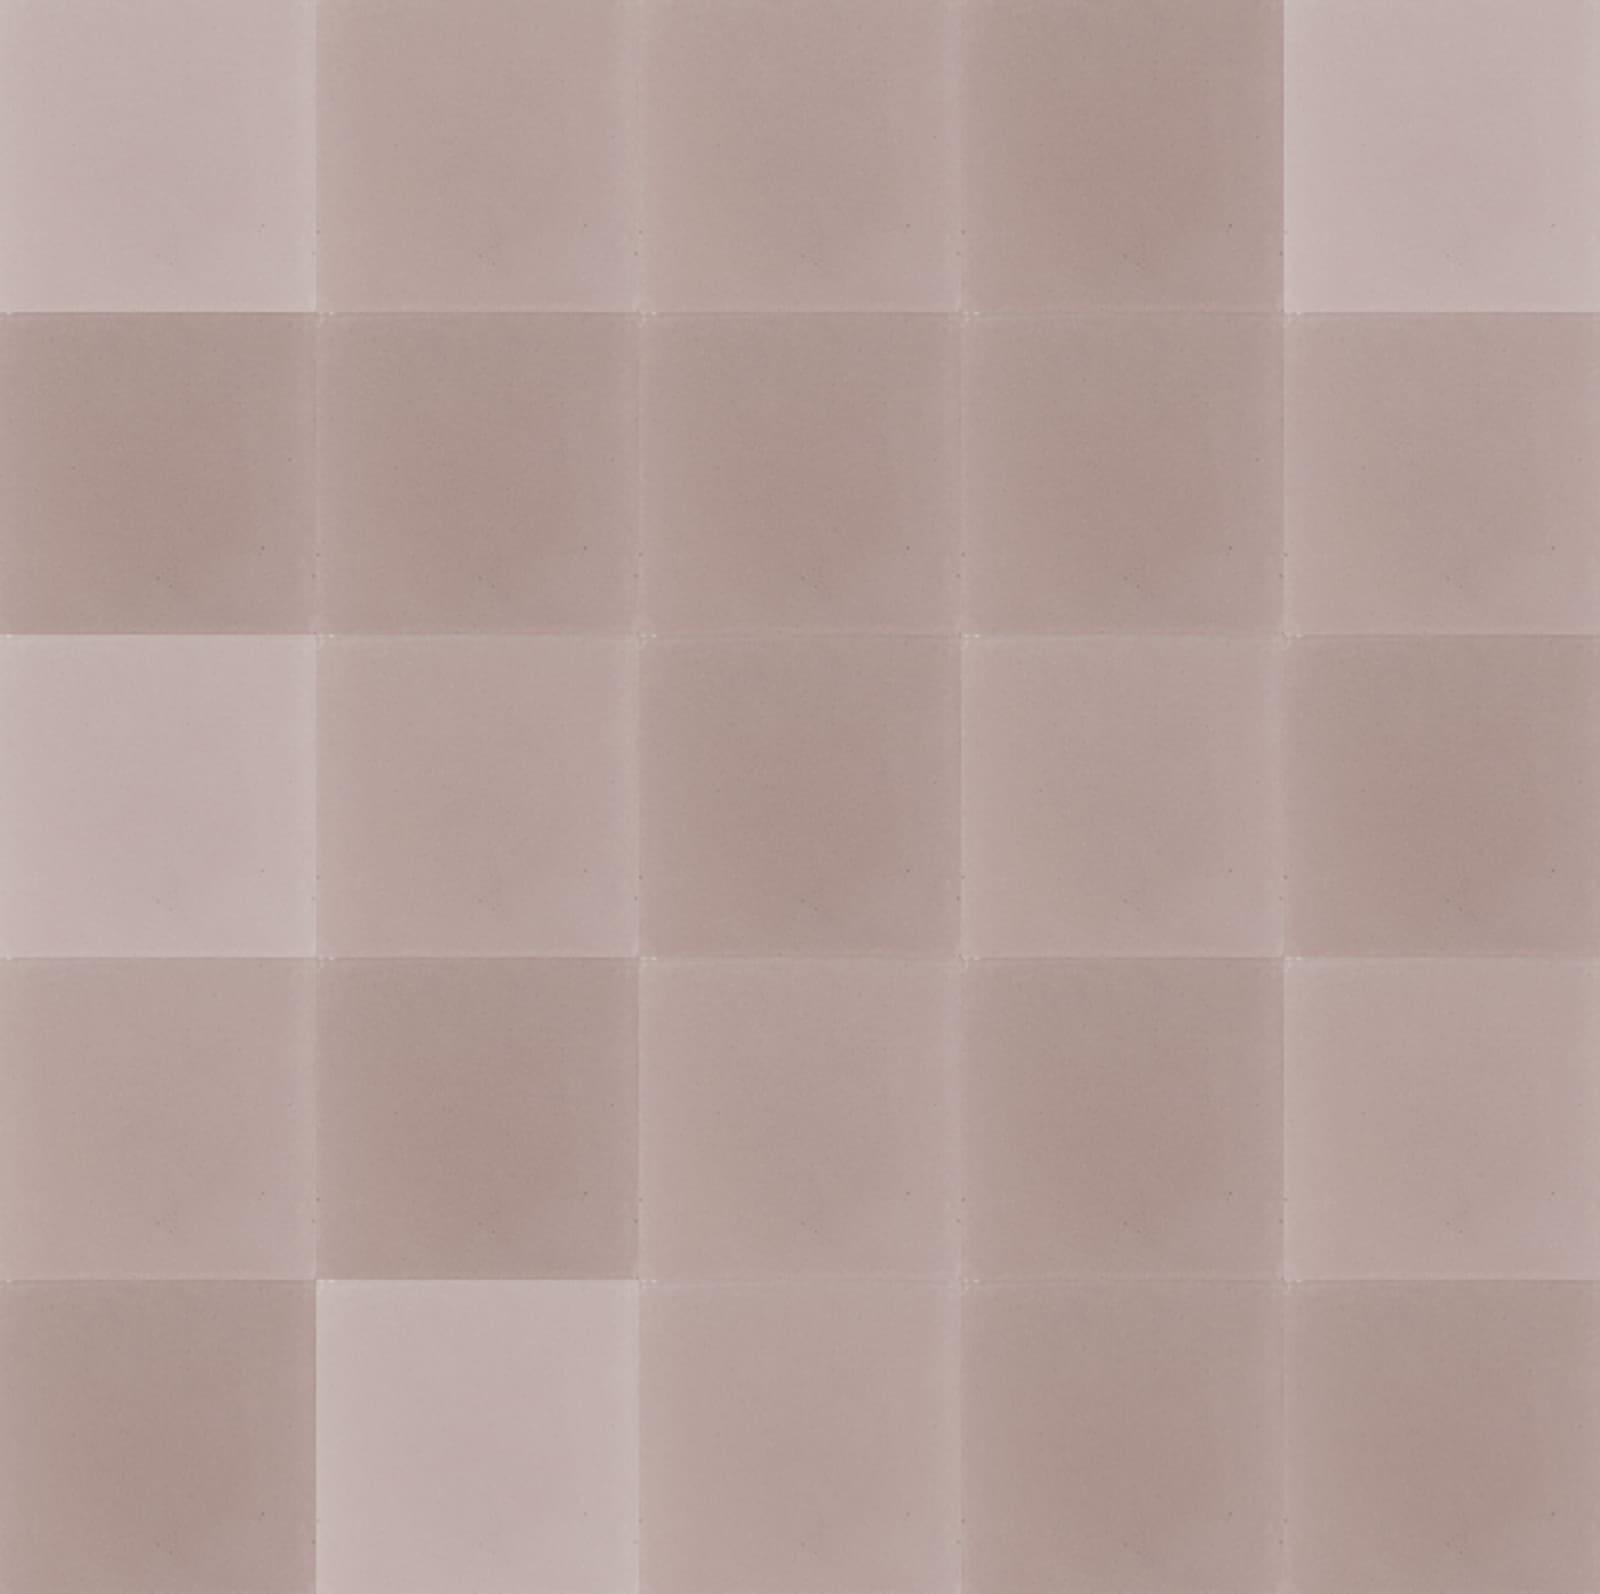 zementfliesen-terrazzofliesen-kreidefarbe-terrazzo-fugenlos-viaplatten-80-verlegemuster | 80